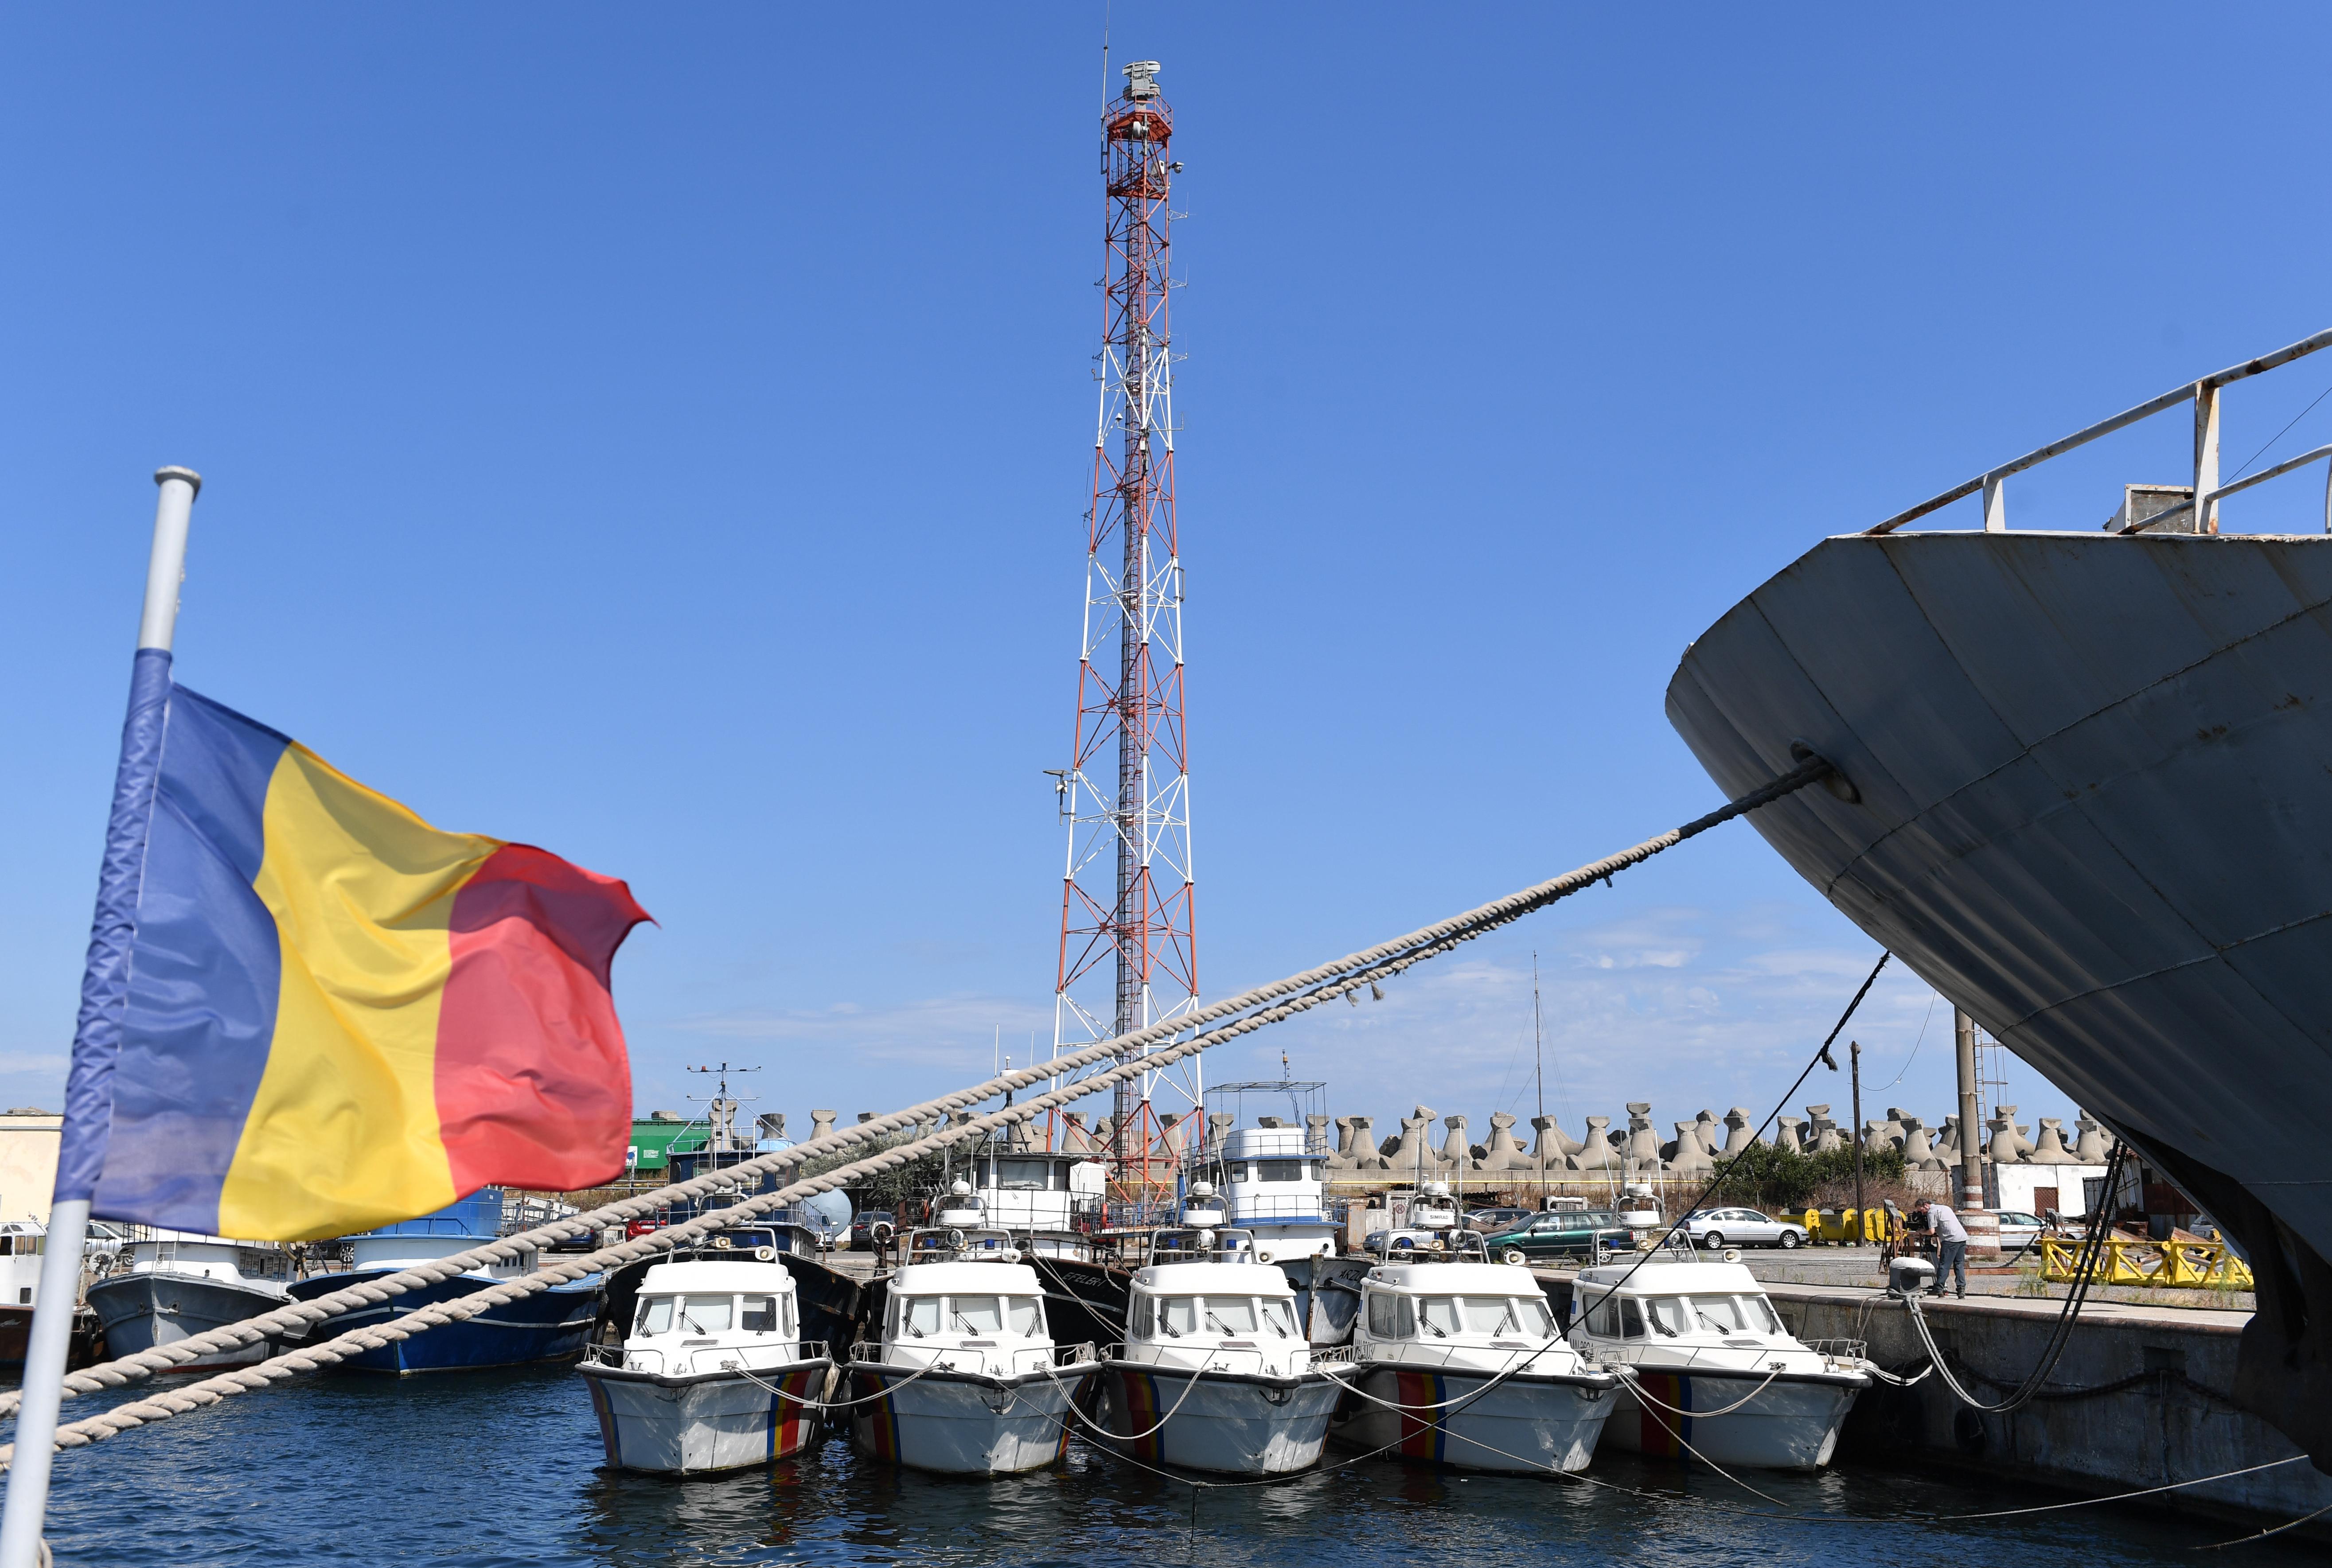 Egy román kikötőben tízszer annyi ammónium-nitrátot raktároznak, mint amennyi felrobbant Bejrútban